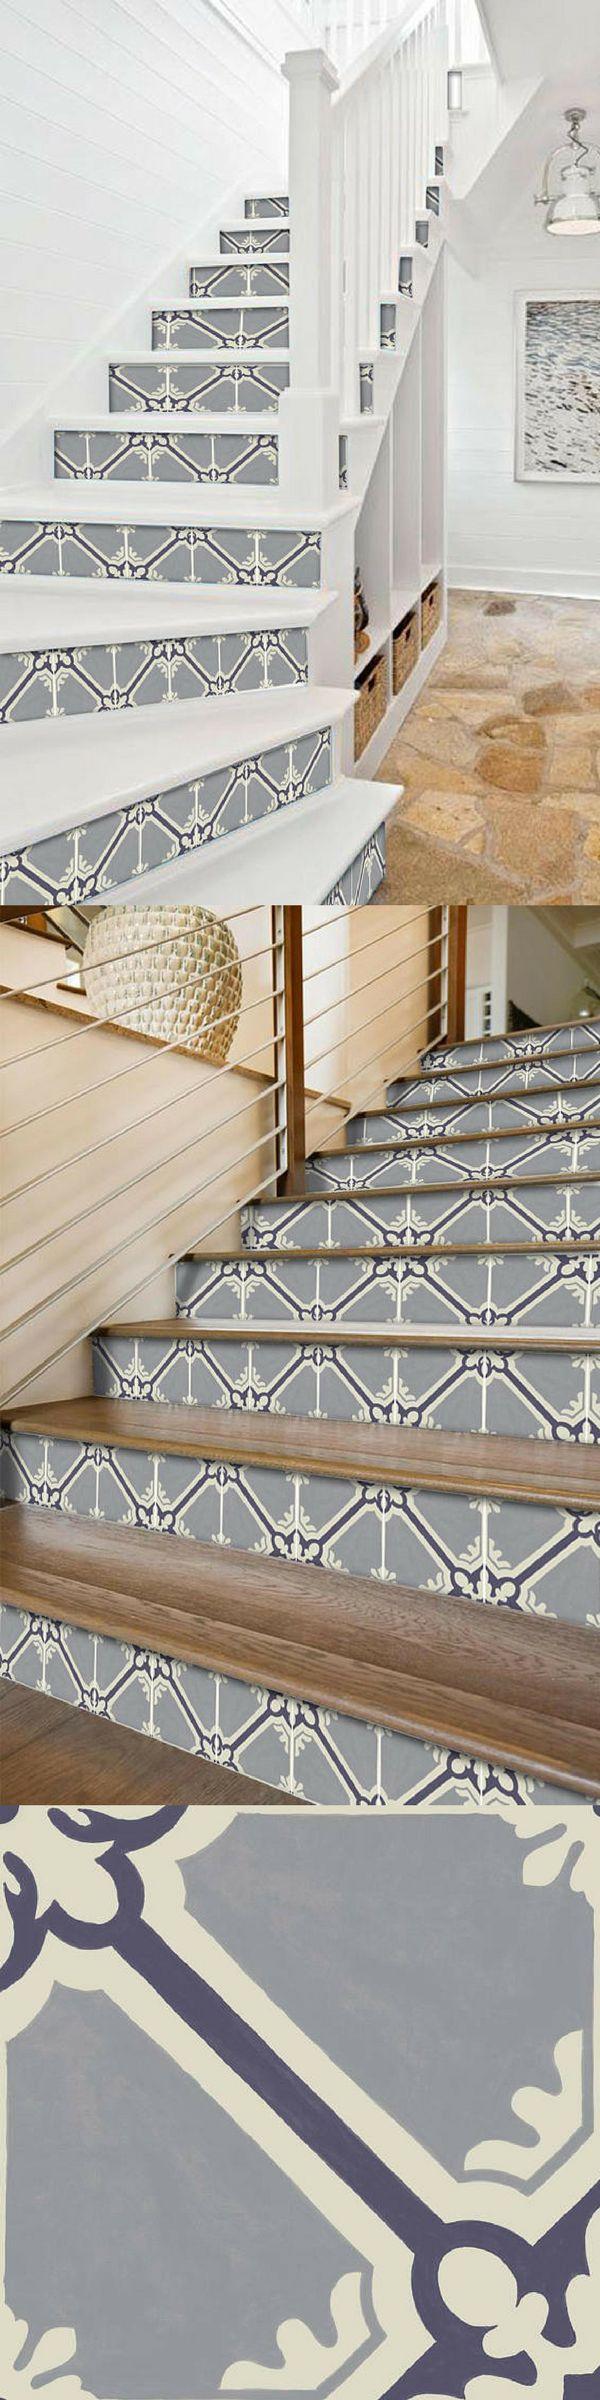 les 25 meilleures id233es de la cat233gorie marche escalier